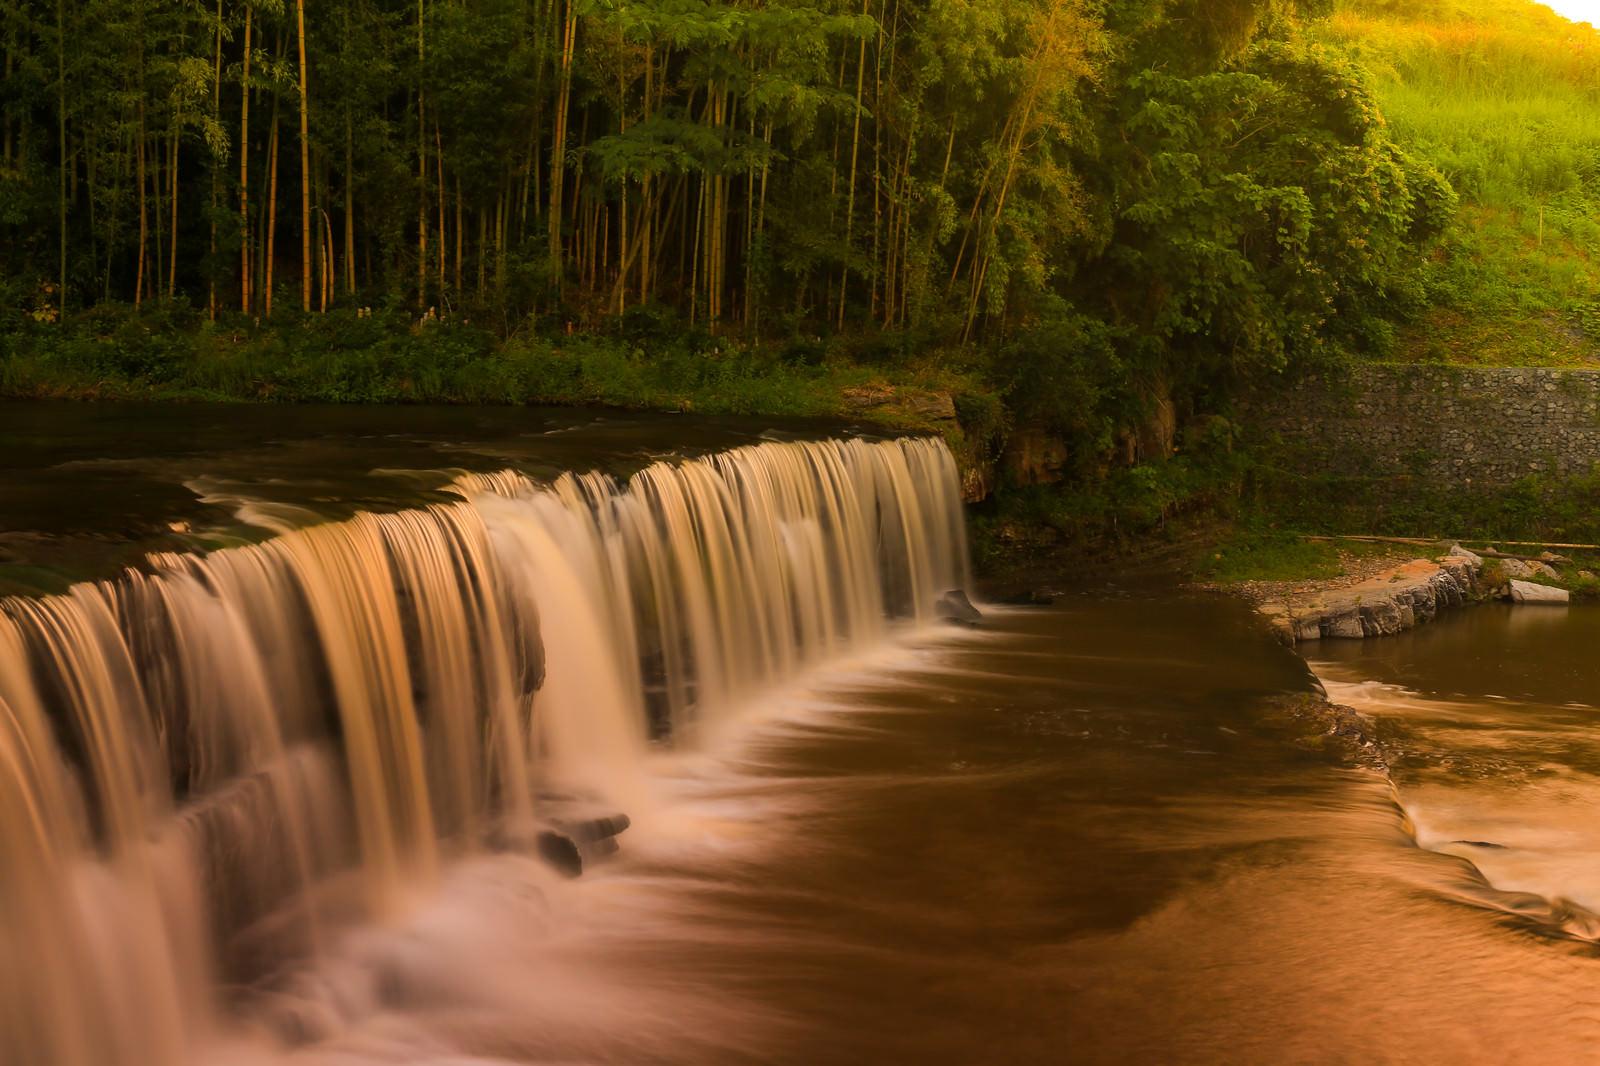 「滝の流れと白い軌跡」の写真